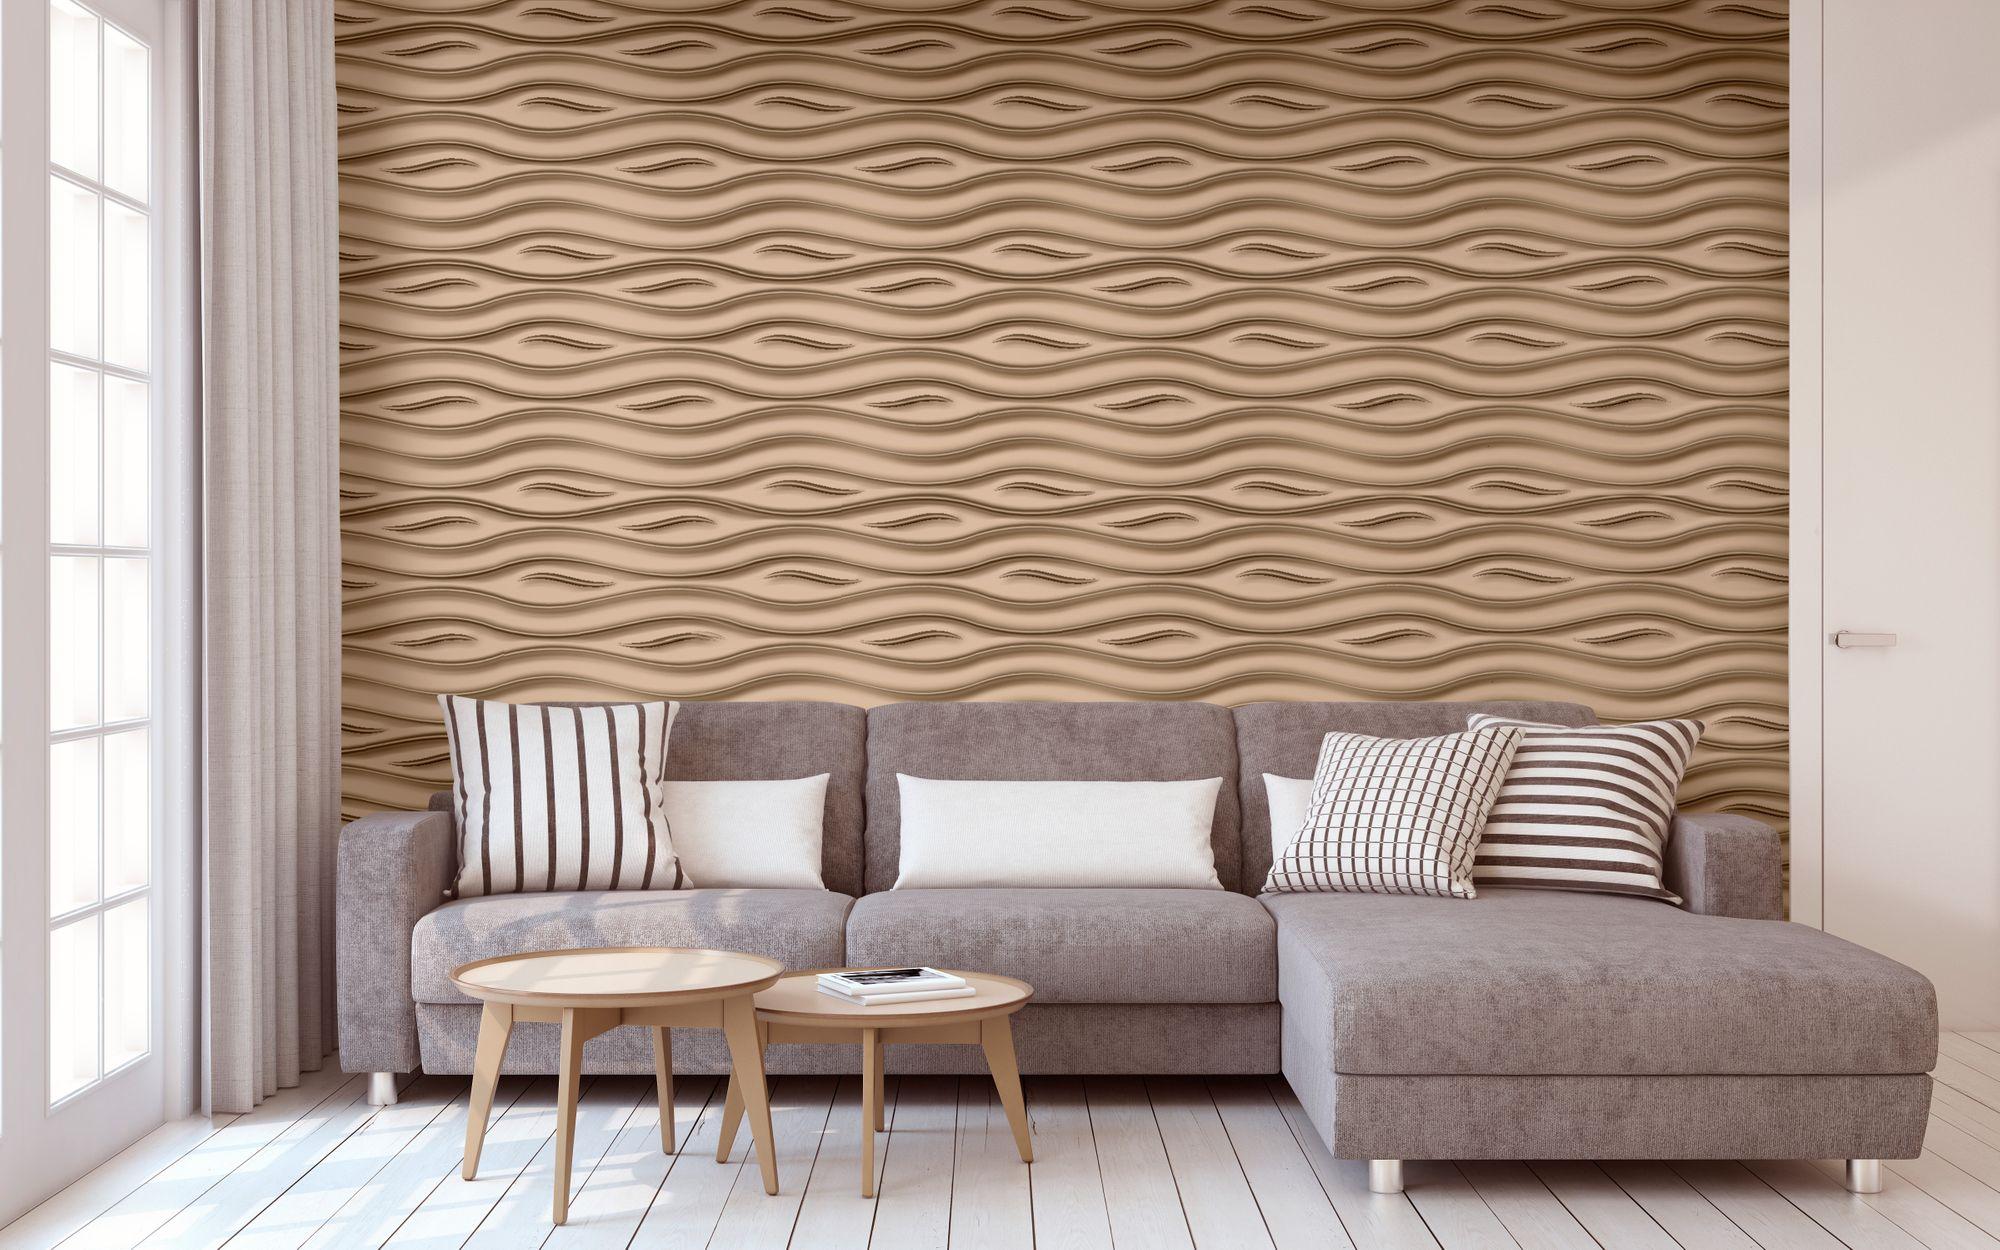 3d Wandplatten Aus Eps Eindrucksvolles Design Ohne Sichtbare Fugen Zwischen Den Platten Und Leicht Uberstreichbar Ceres Webshop